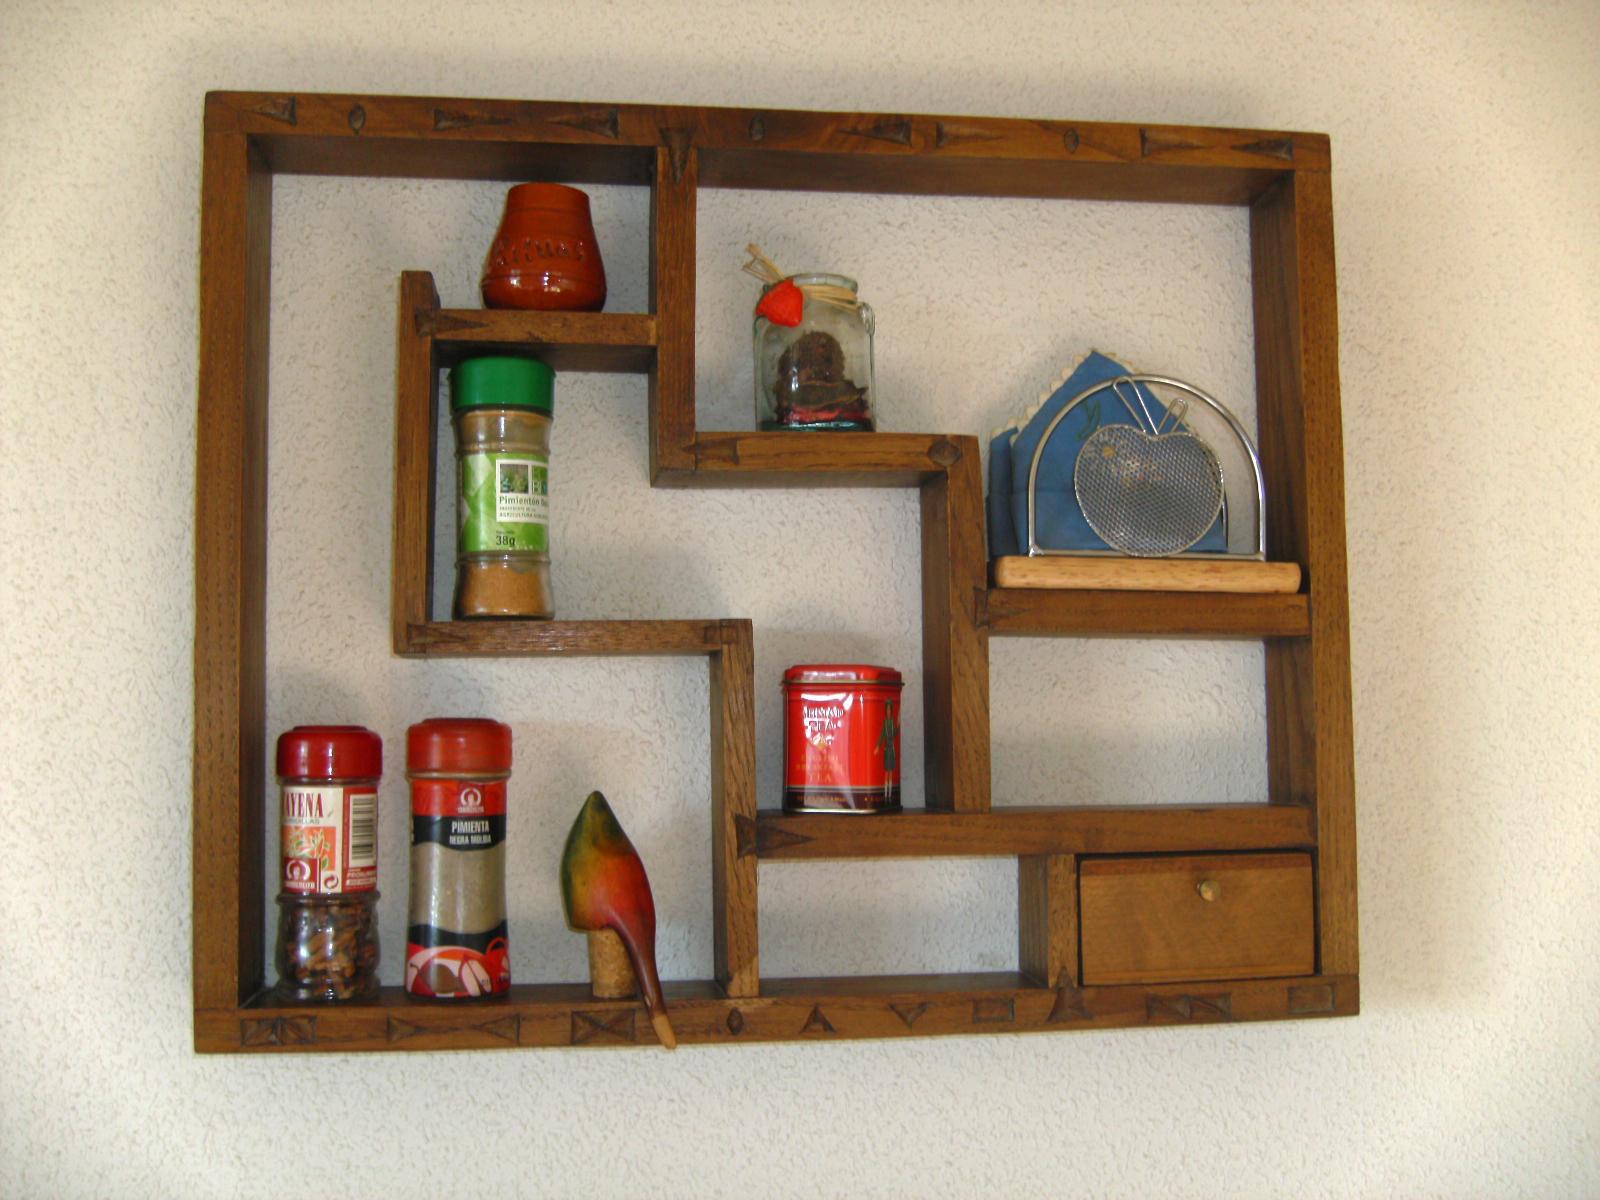 Estanter as especieros y otros utensilios de cocina for Estanterias pared cocina